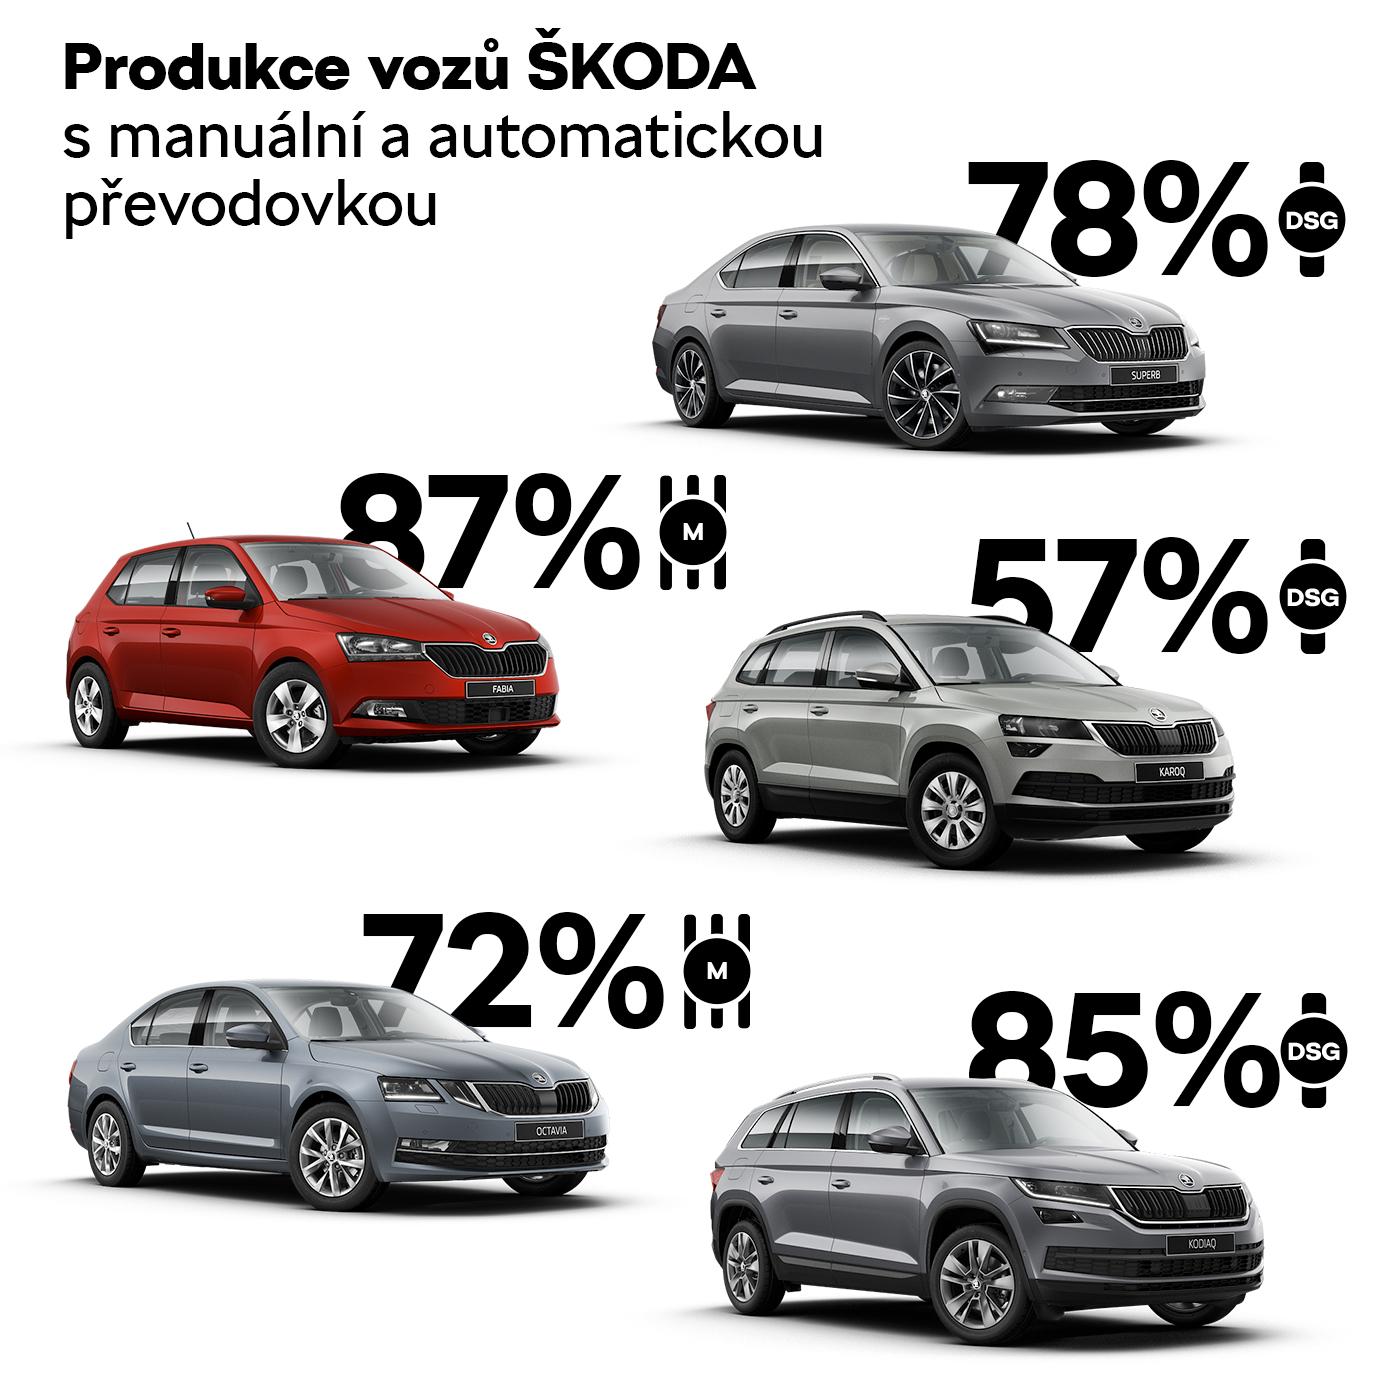 Produkce vozů ŠKODA s manuální a automatickou převodovkou